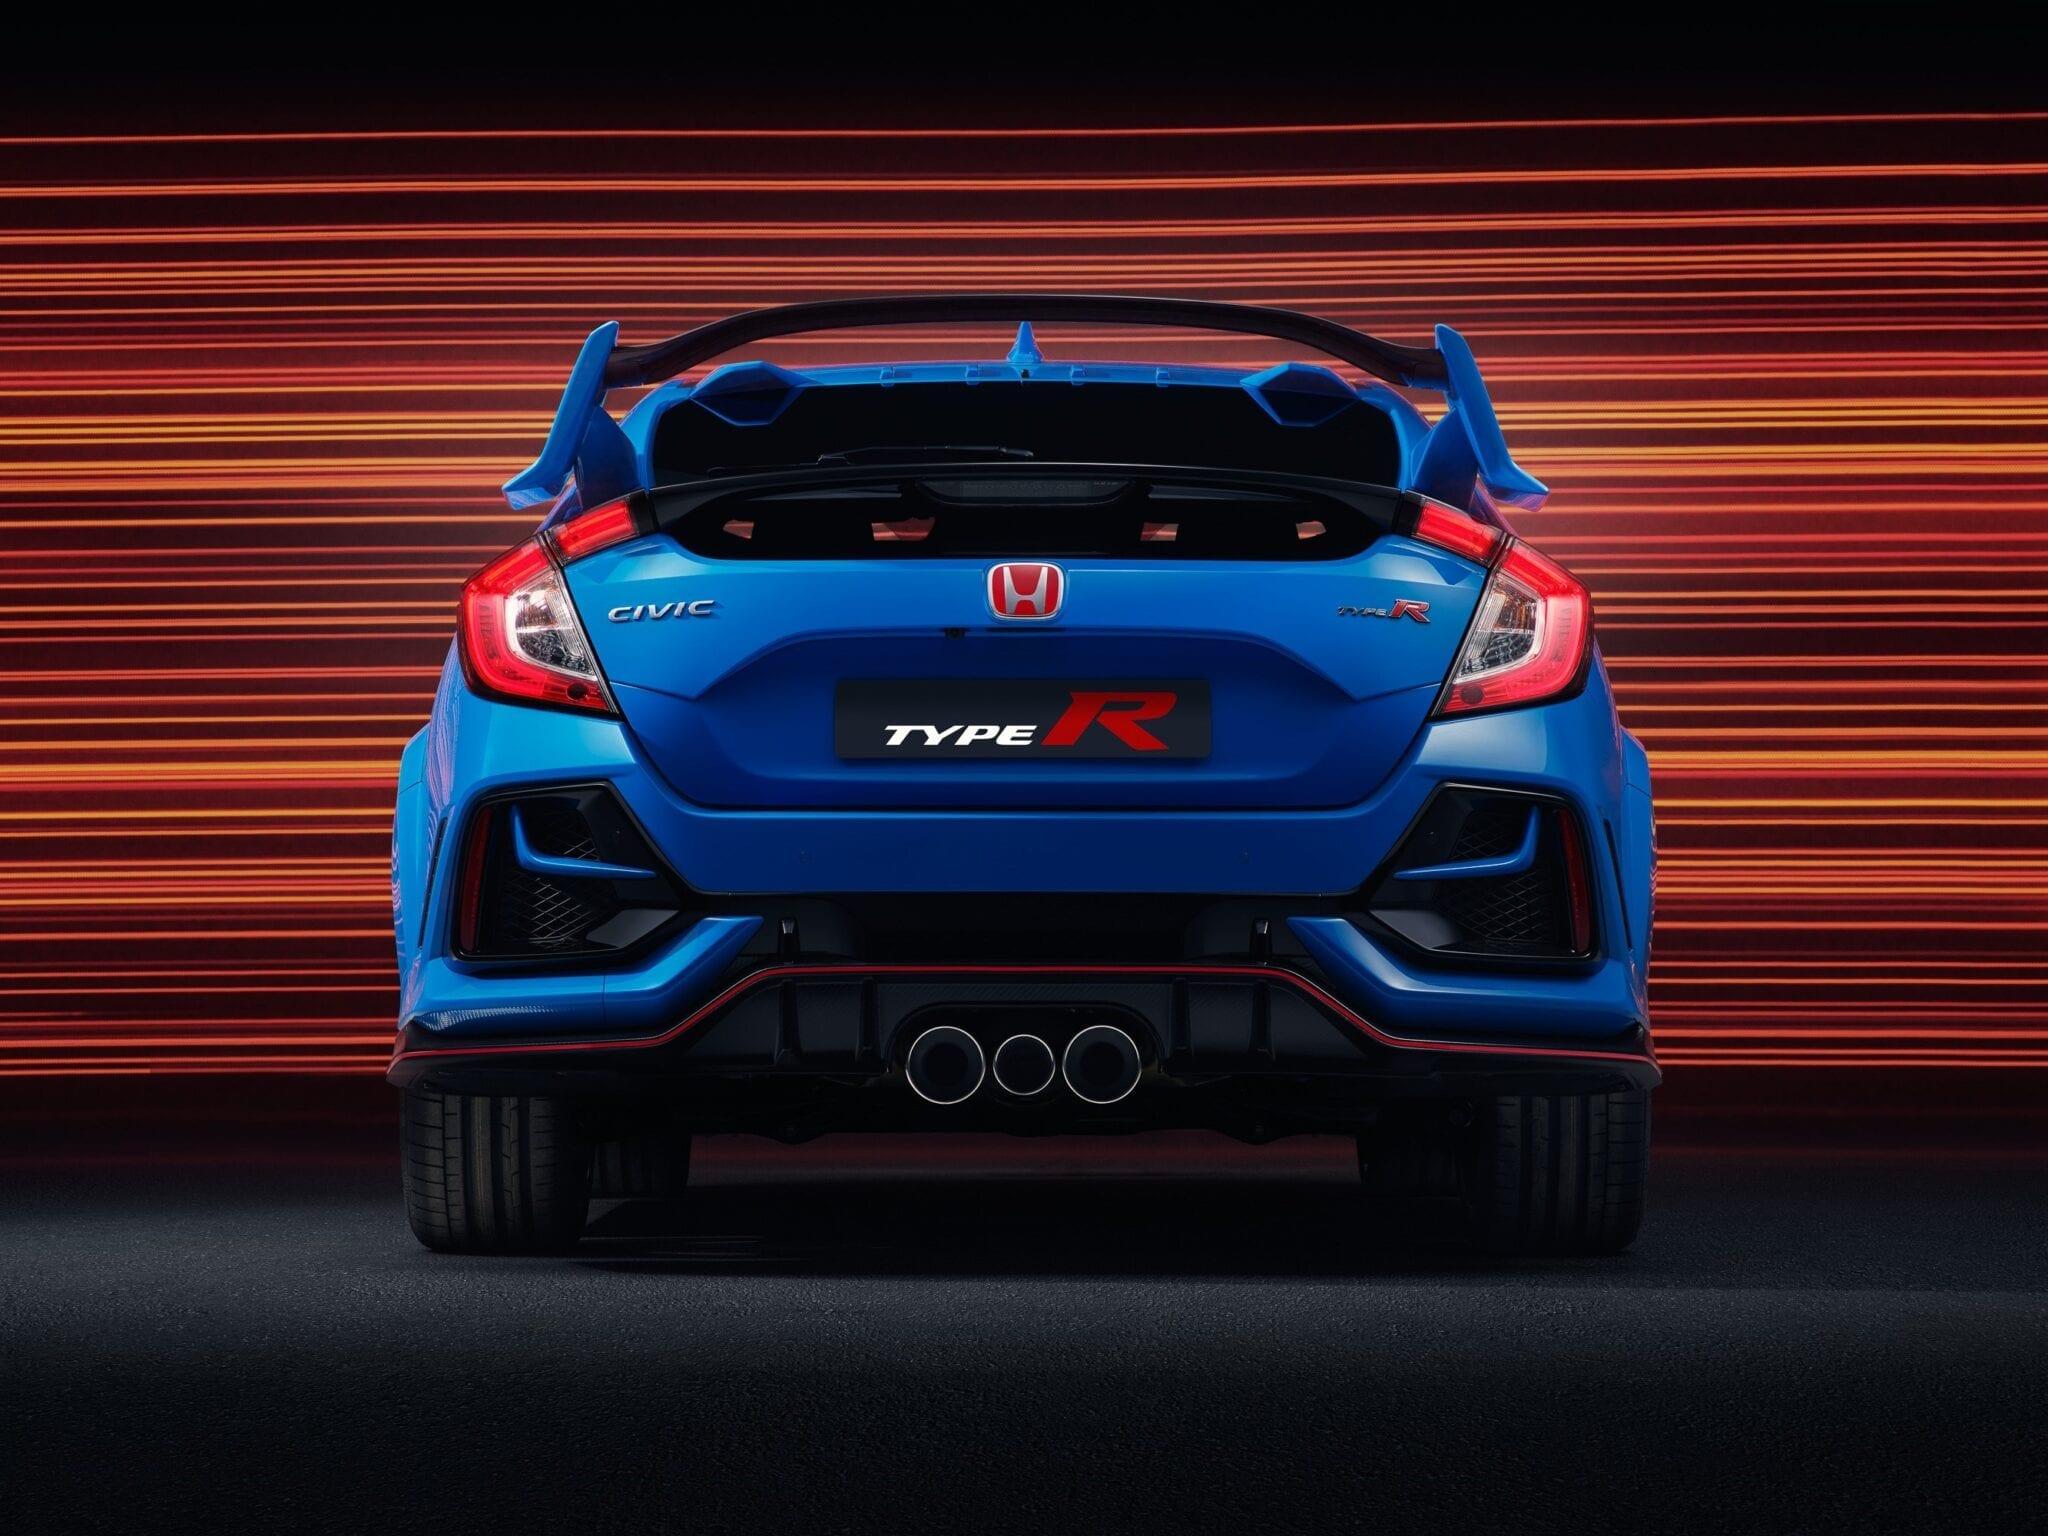 Dit kenmerkende detail verbetert de aerodynamische prestaties door de juiste hoeveelheid neerwaartse kracht te leveren zonder de weerstand te verhogen.